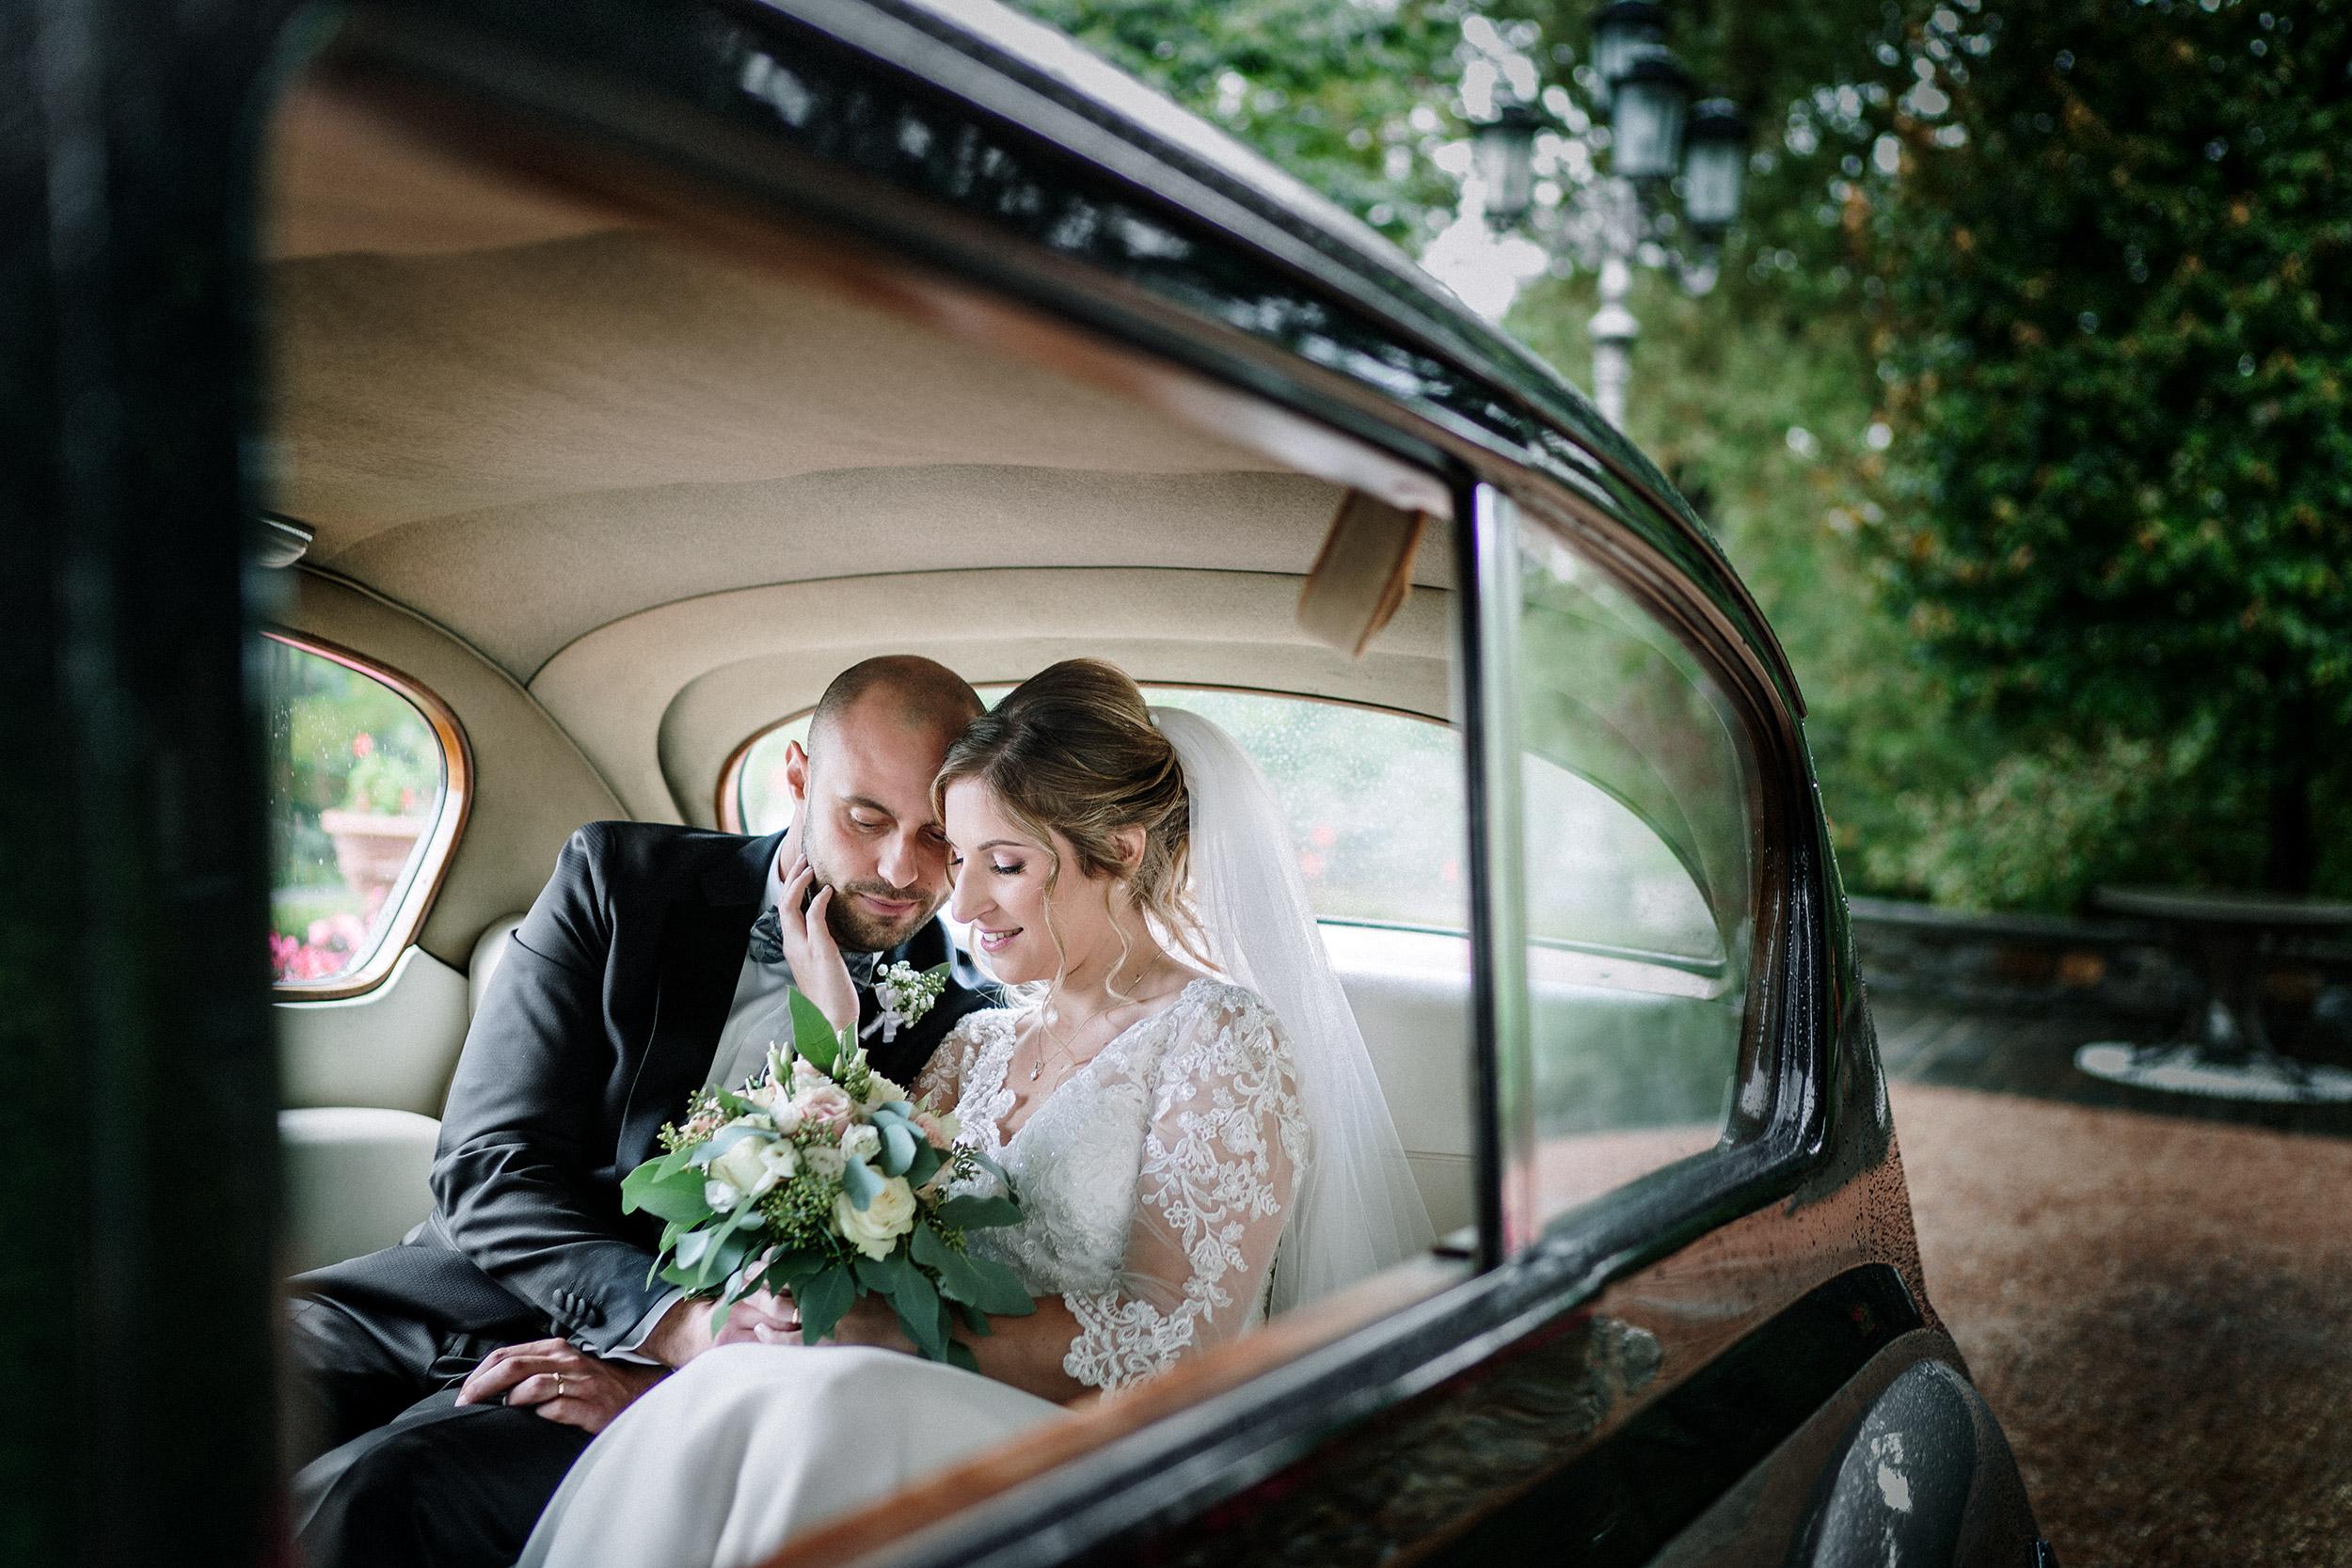 000 reportage auto sposi foto matrimonio wedding villa martinelli bergamo 1